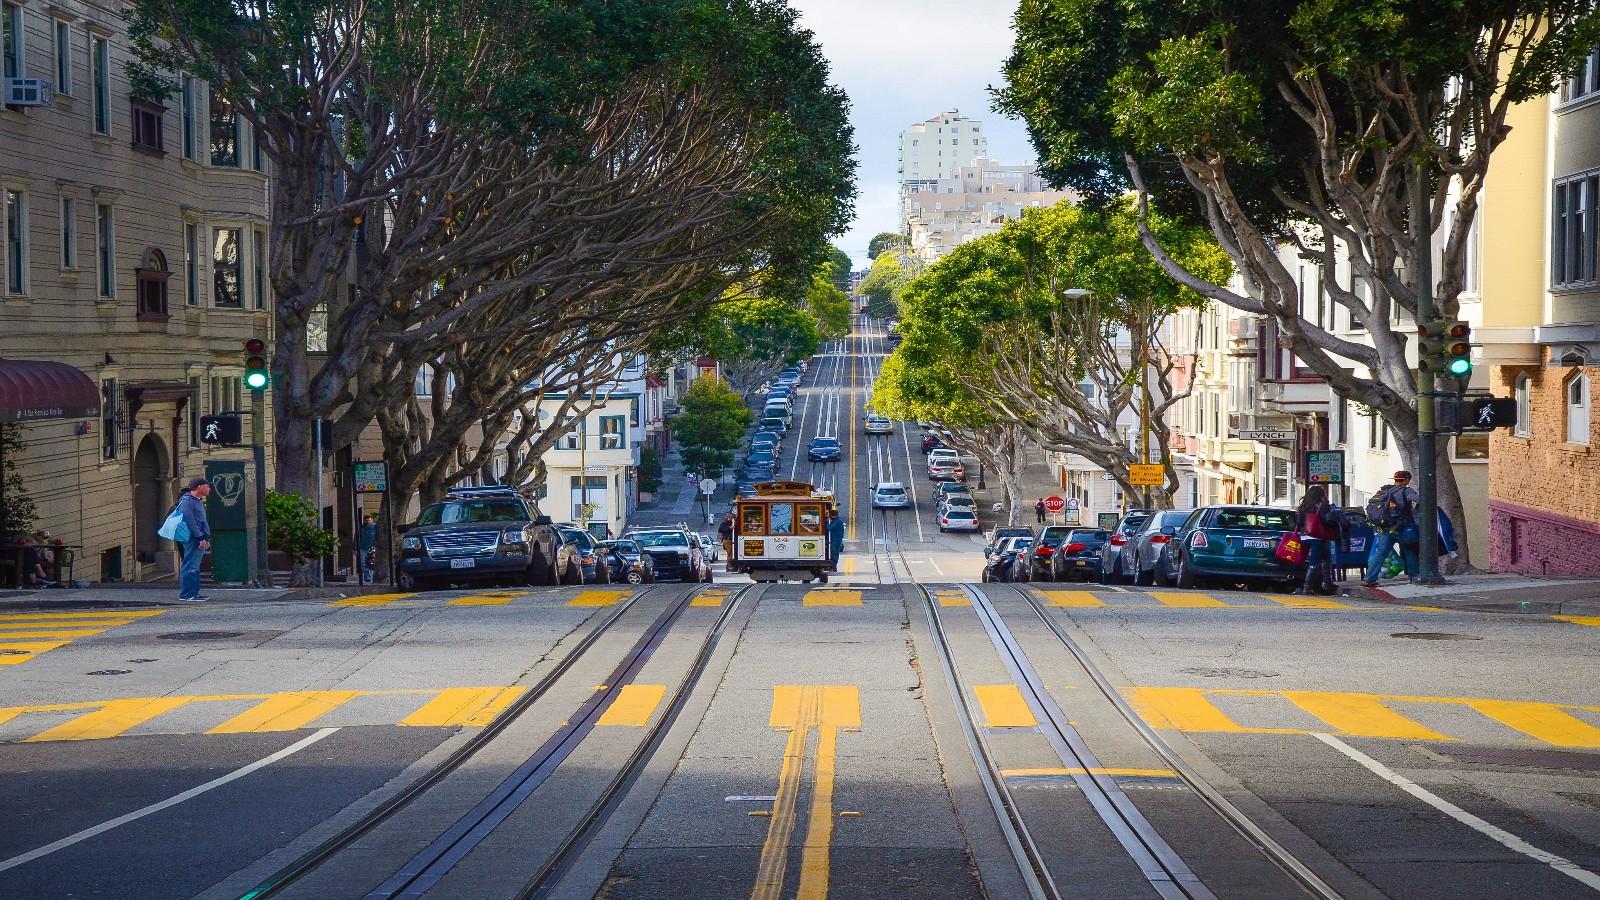 San Francisco Cannabis Dispensaries with Beautiful Design